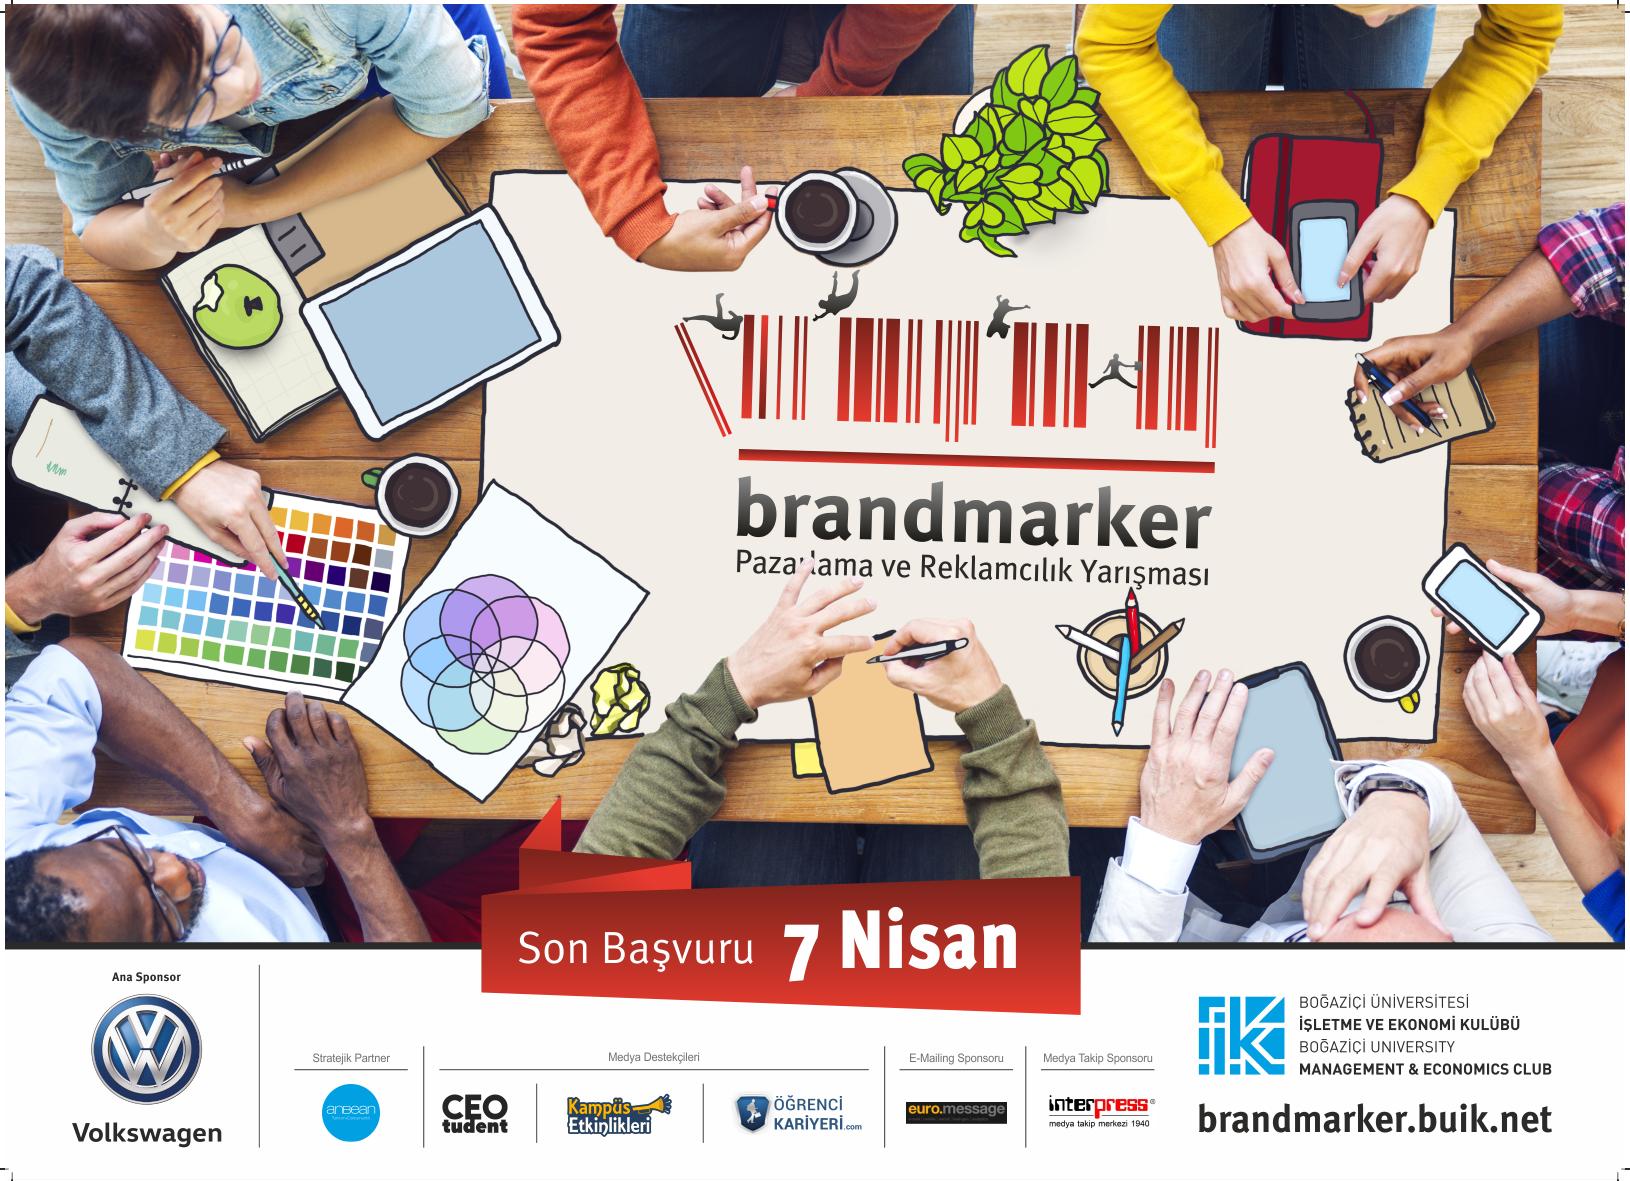 Brandmarker, 20. yılında yeni bir konseptle geliyor